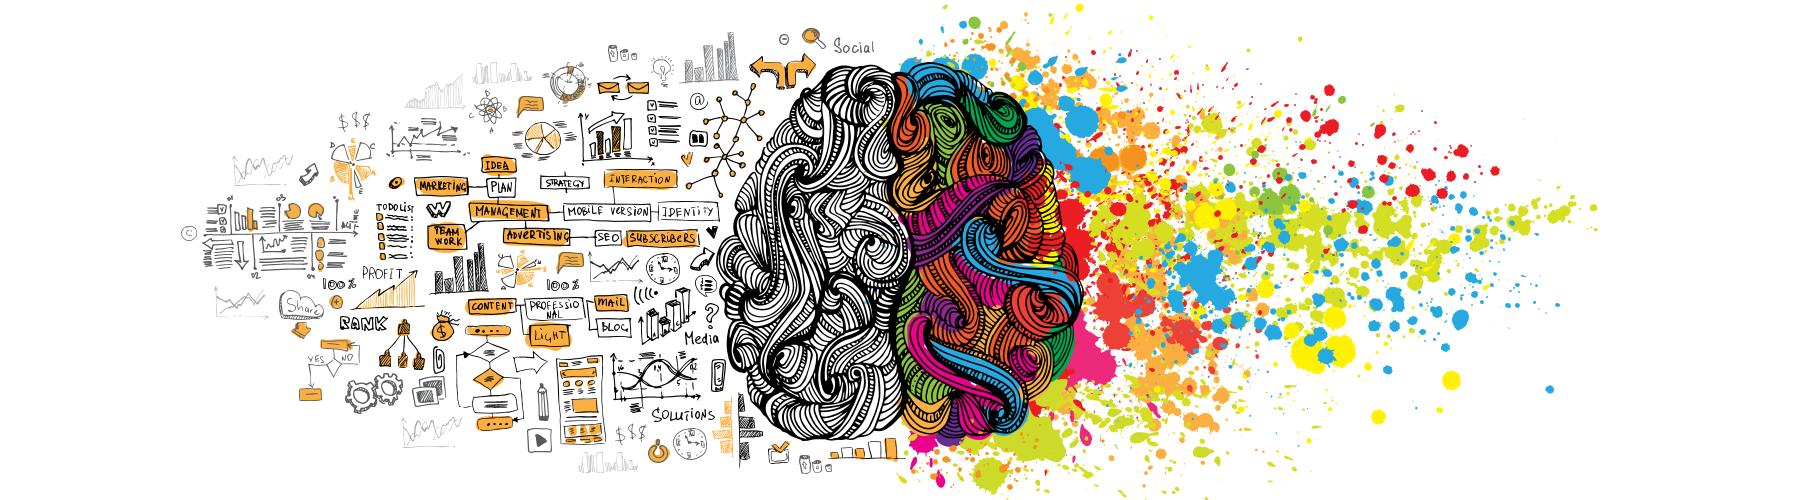 Illusions dans les visuels : comment ruser dans vos designs